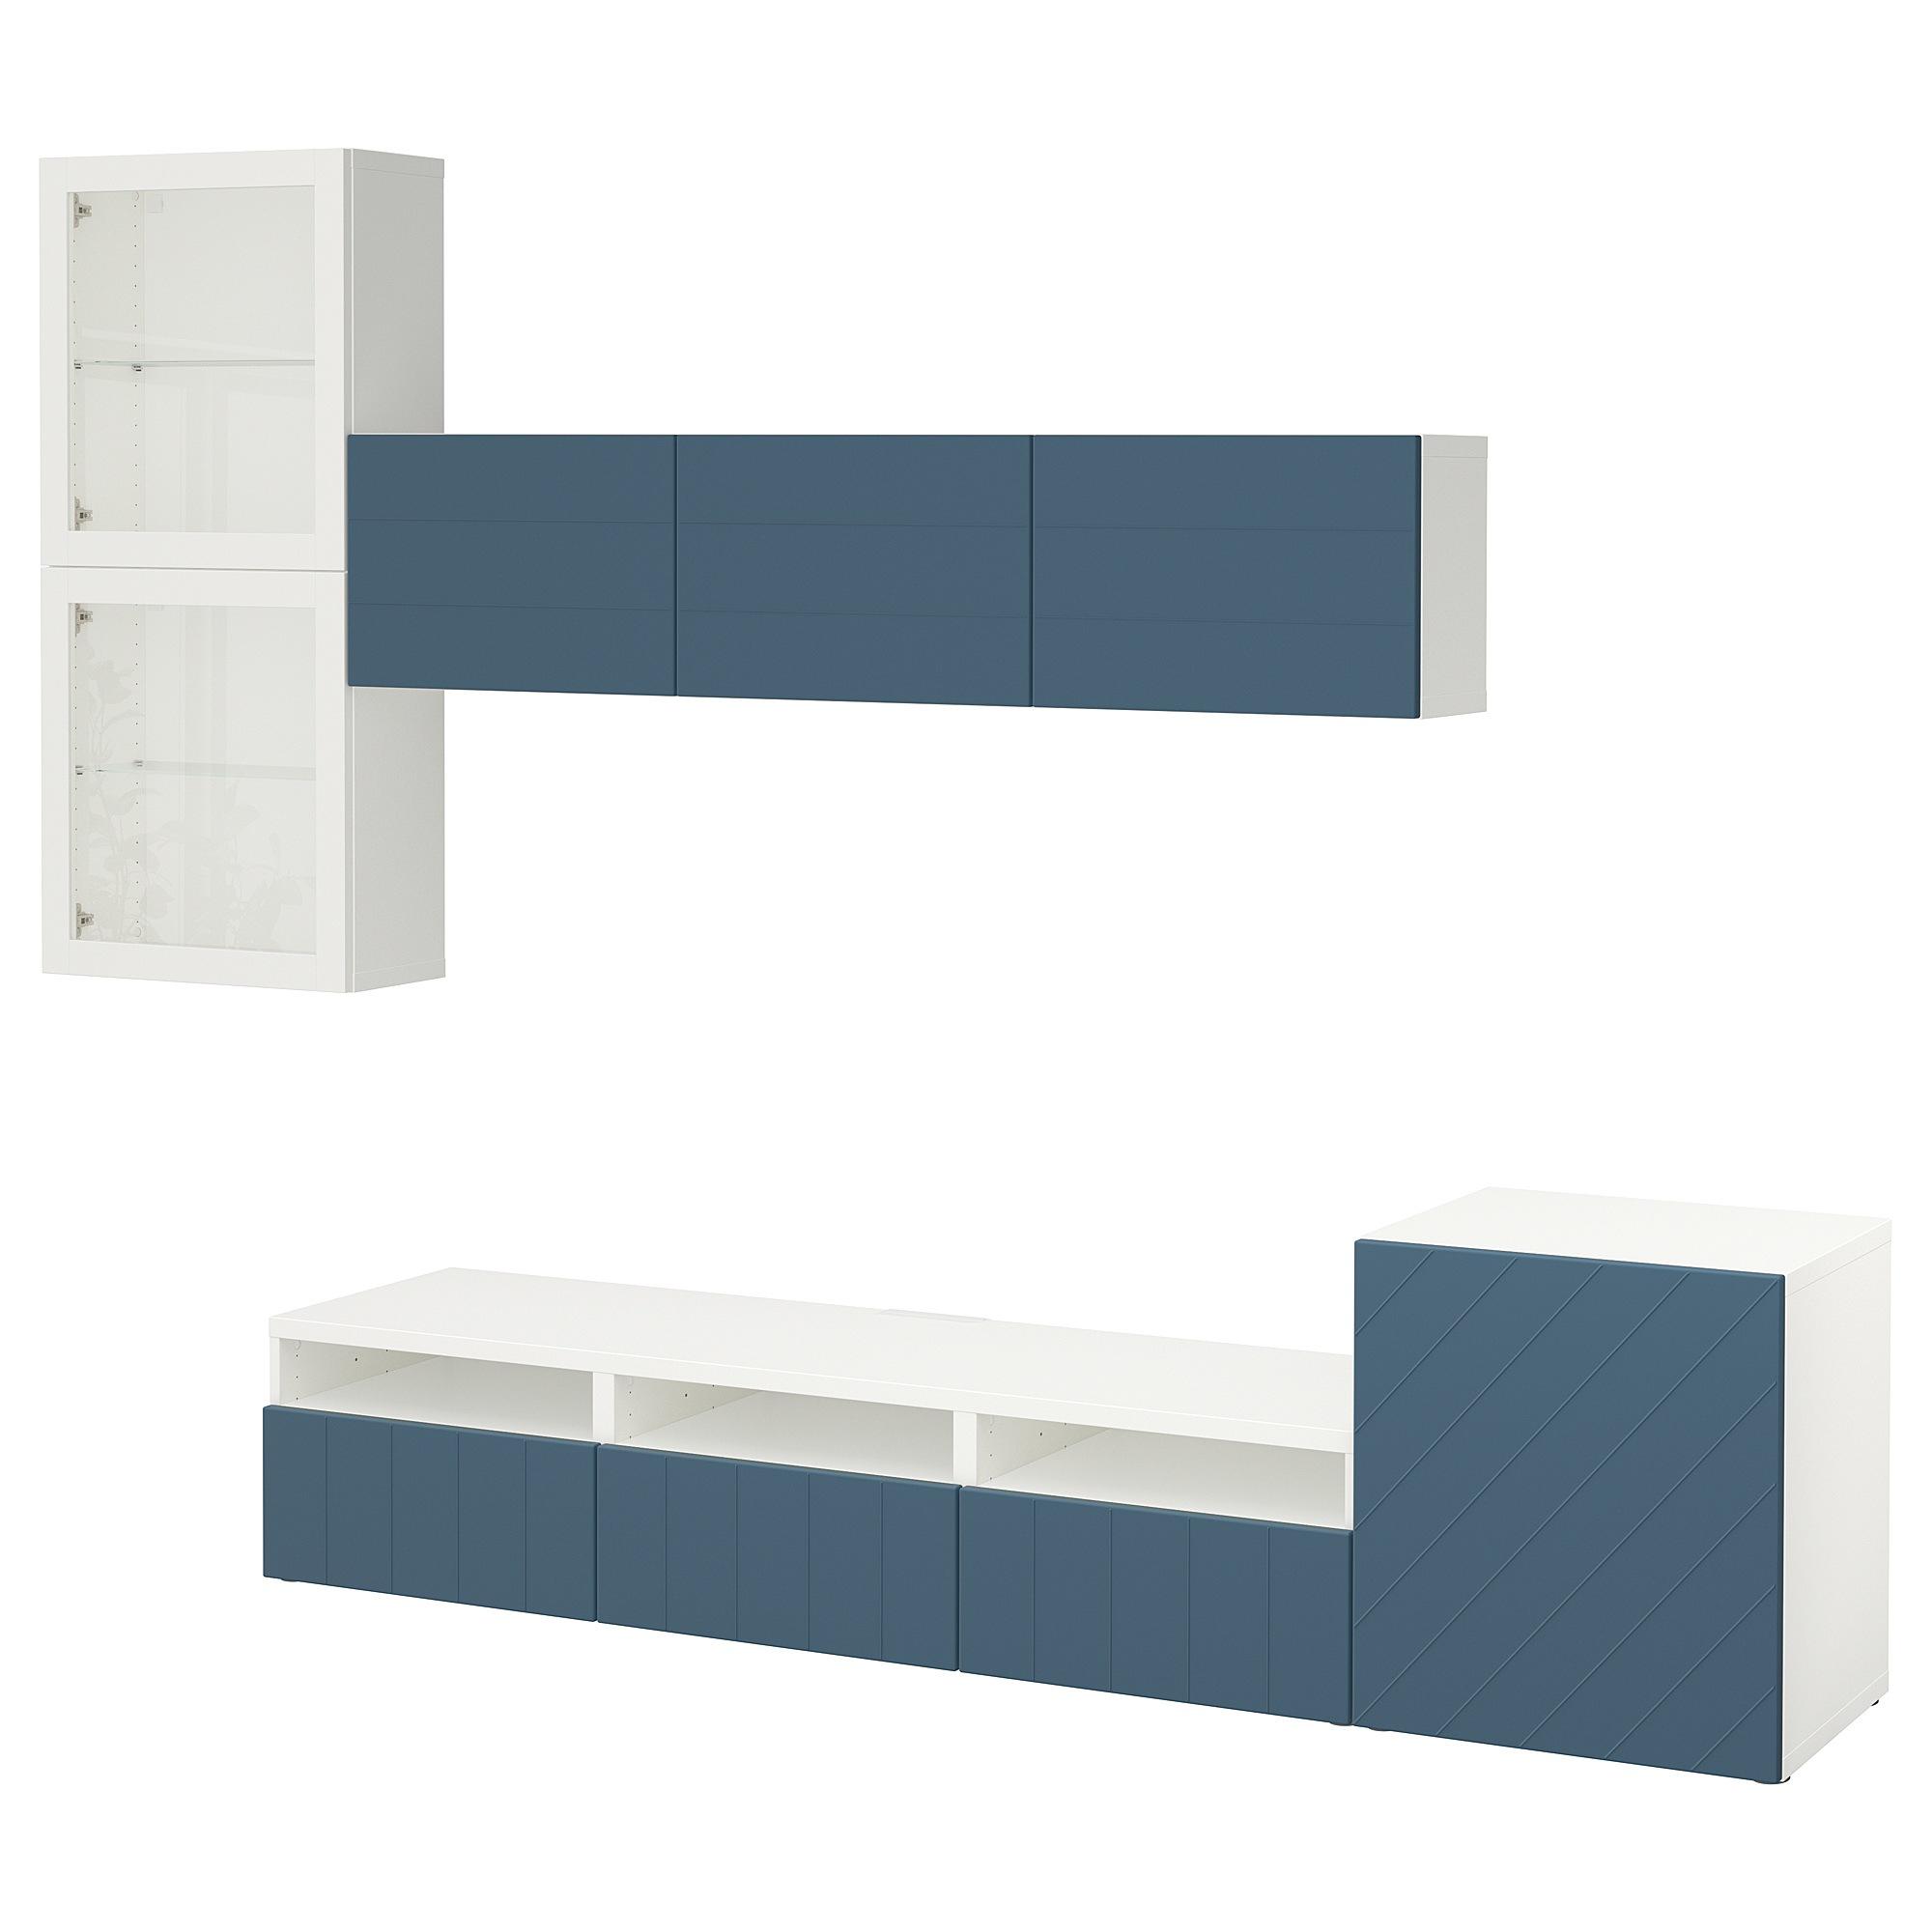 Шкаф для ТВ, комбинированный, стекляные дверцы БЕСТО артикуль № 892.761.37 в наличии. Online магазин IKEA РБ. Недорогая доставка и соборка.